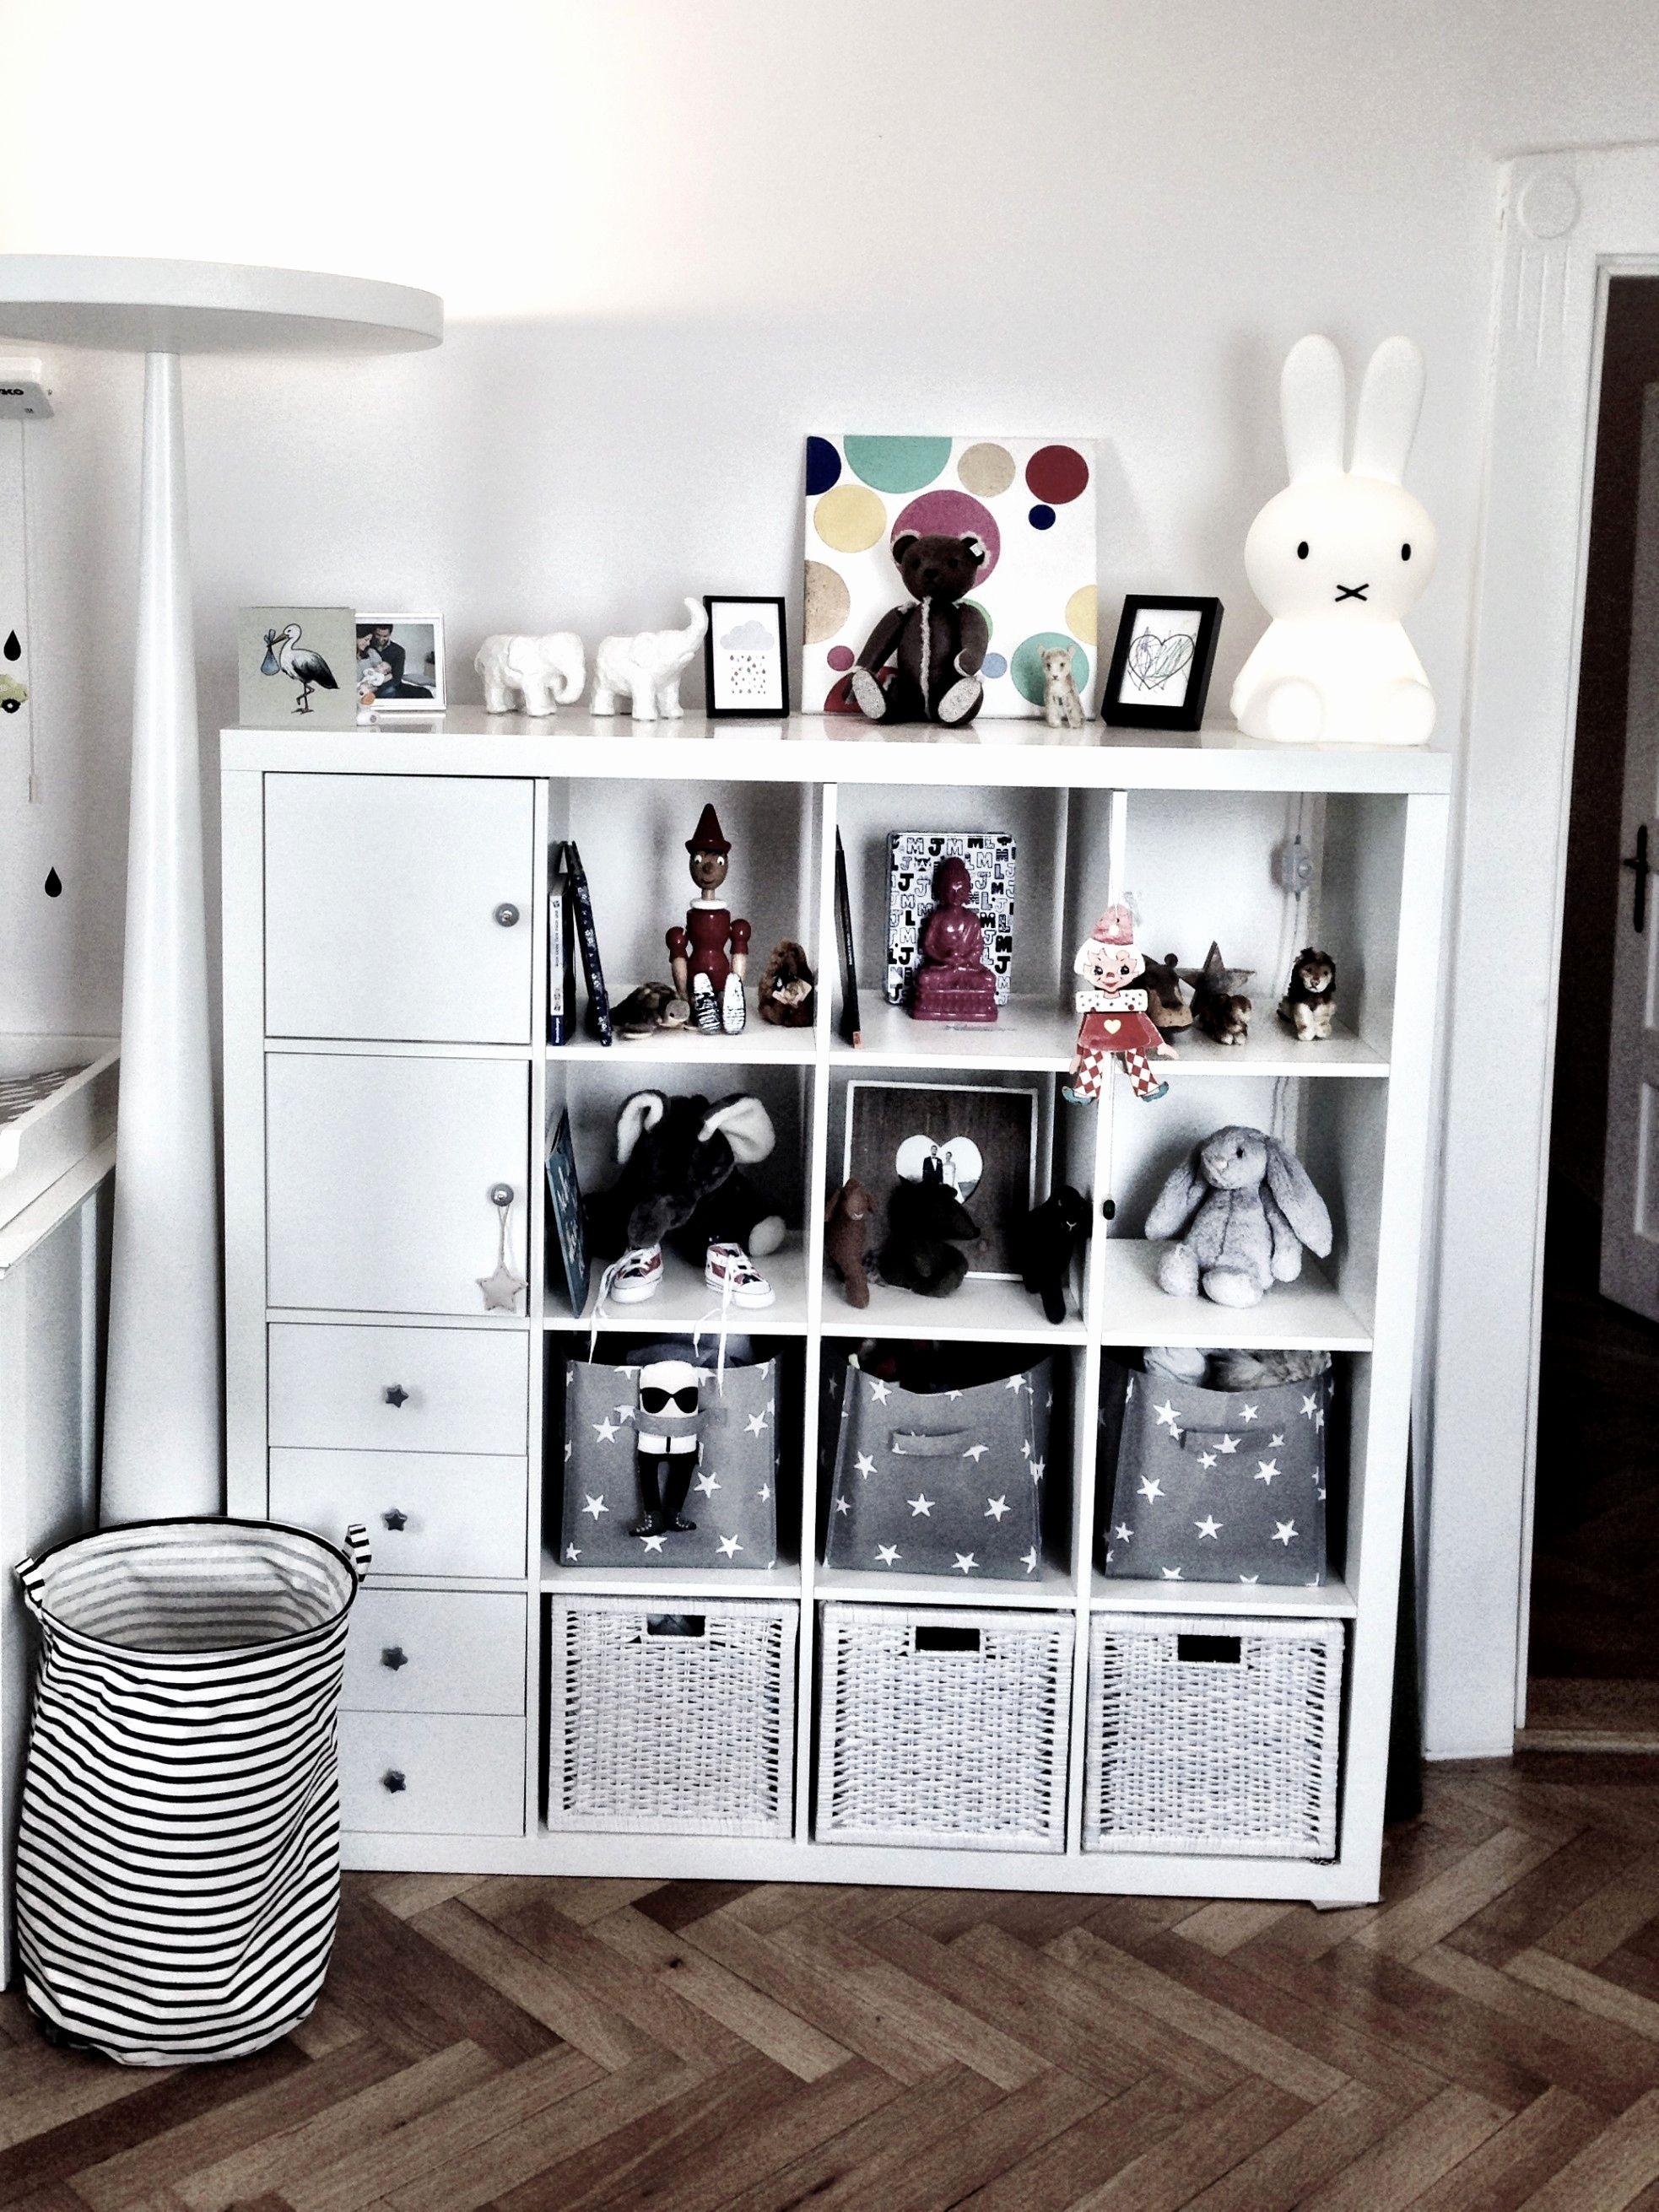 Kinderzimmer Regal Lidl Kinderzimmerregal In 2020 Raumteiler